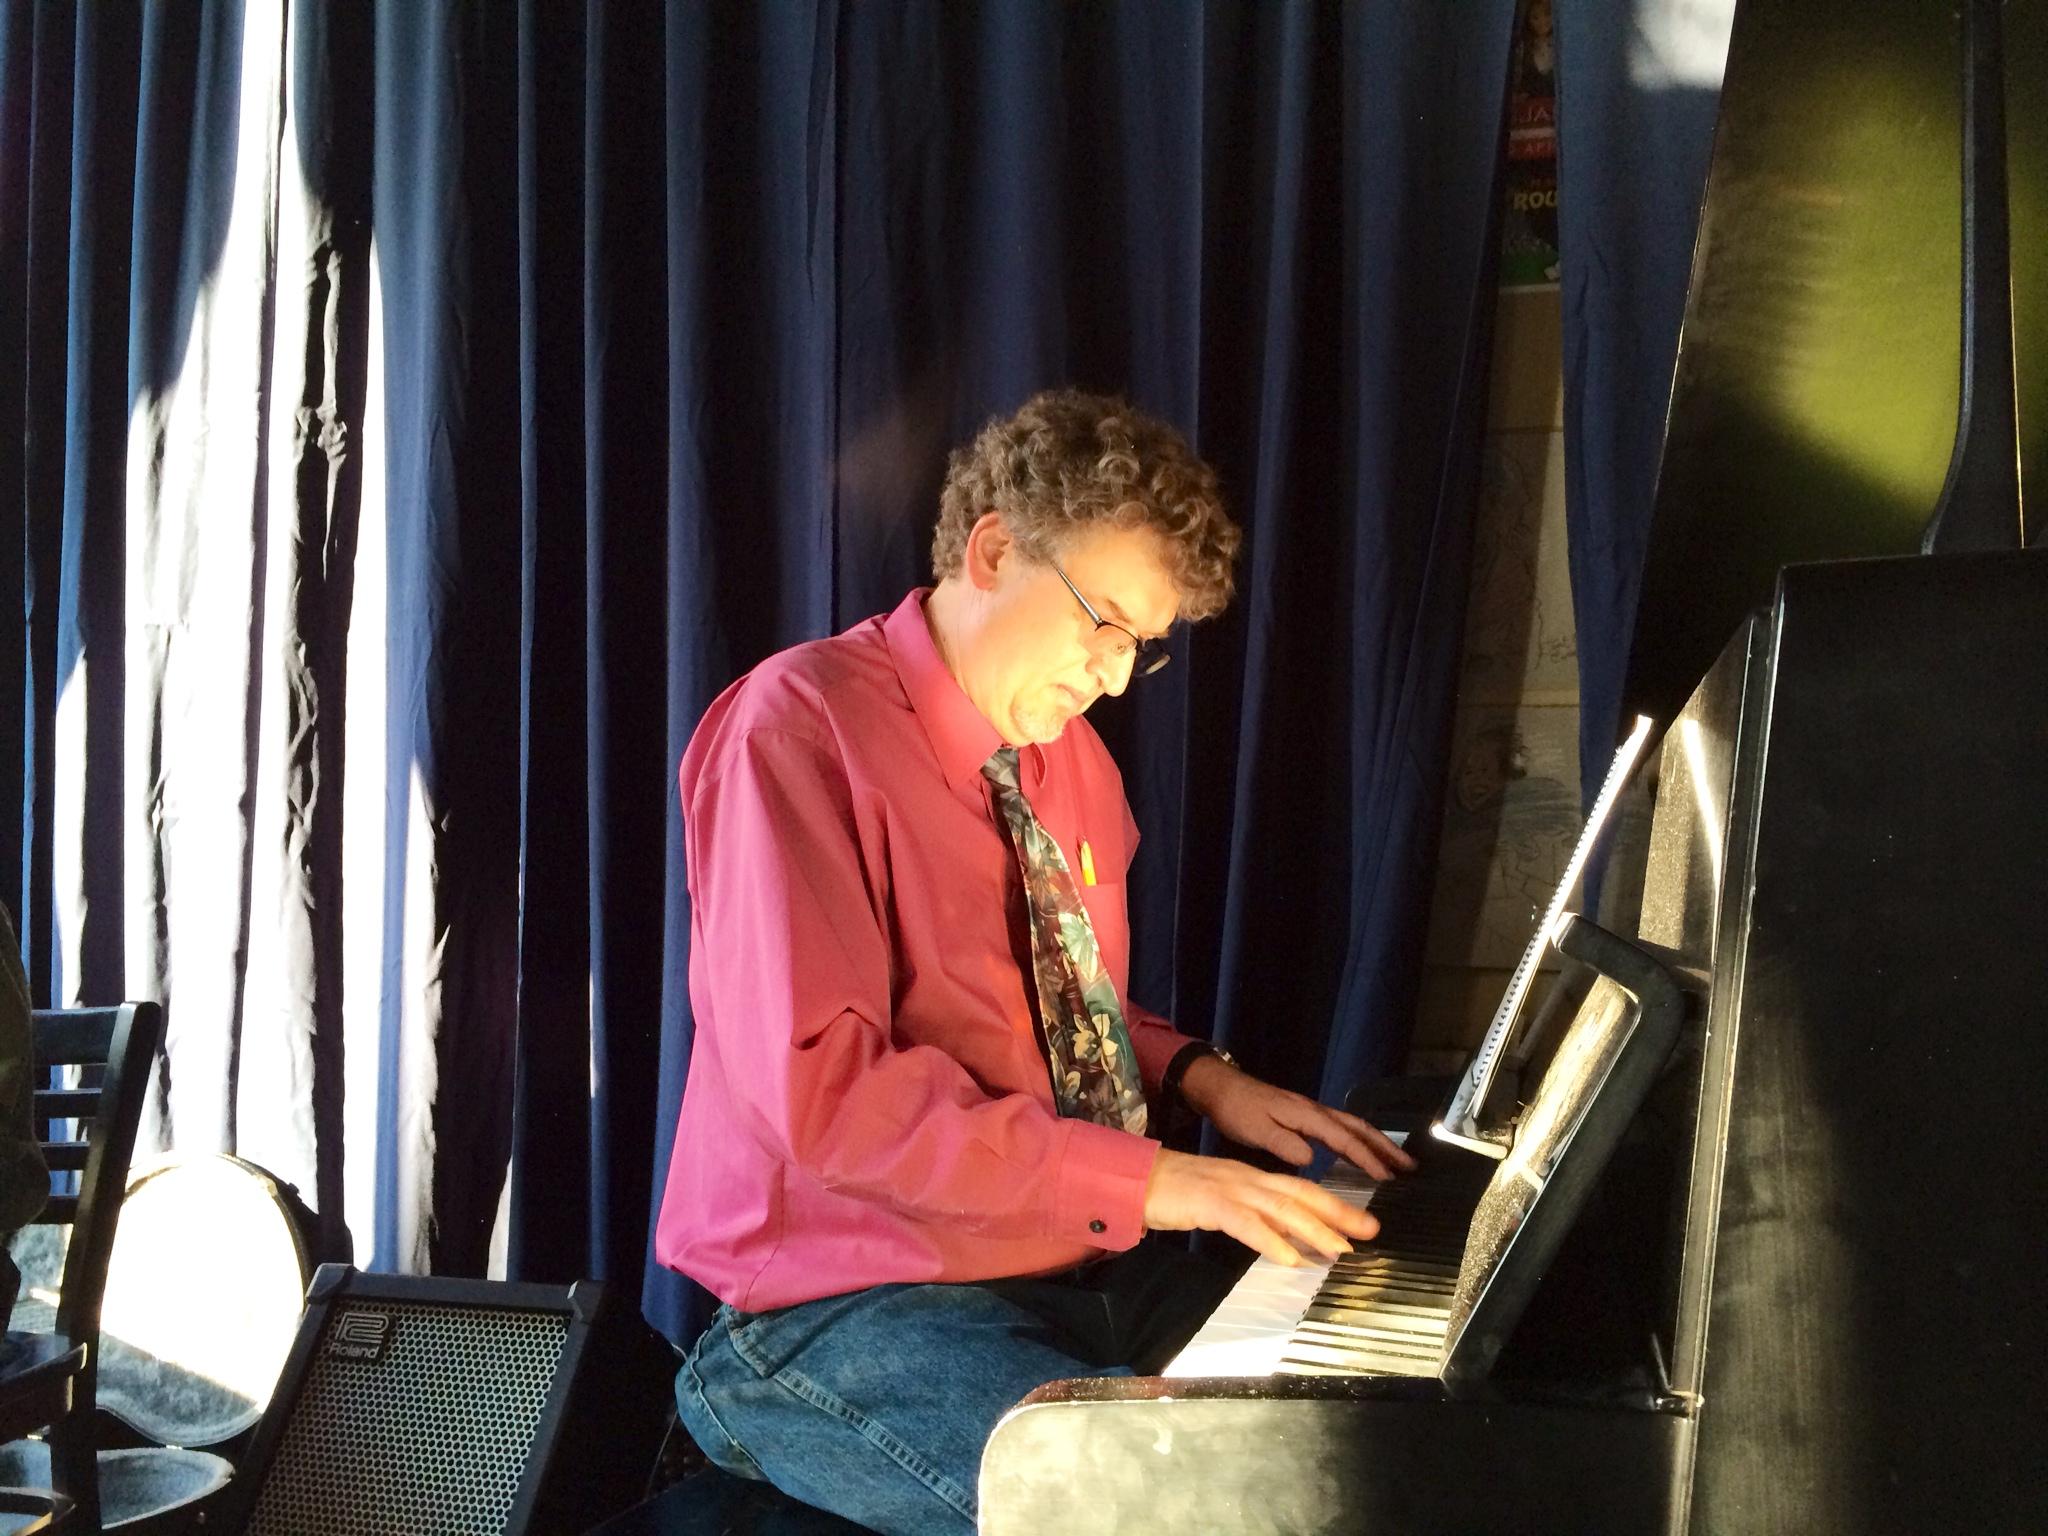 todd-piano-sun-